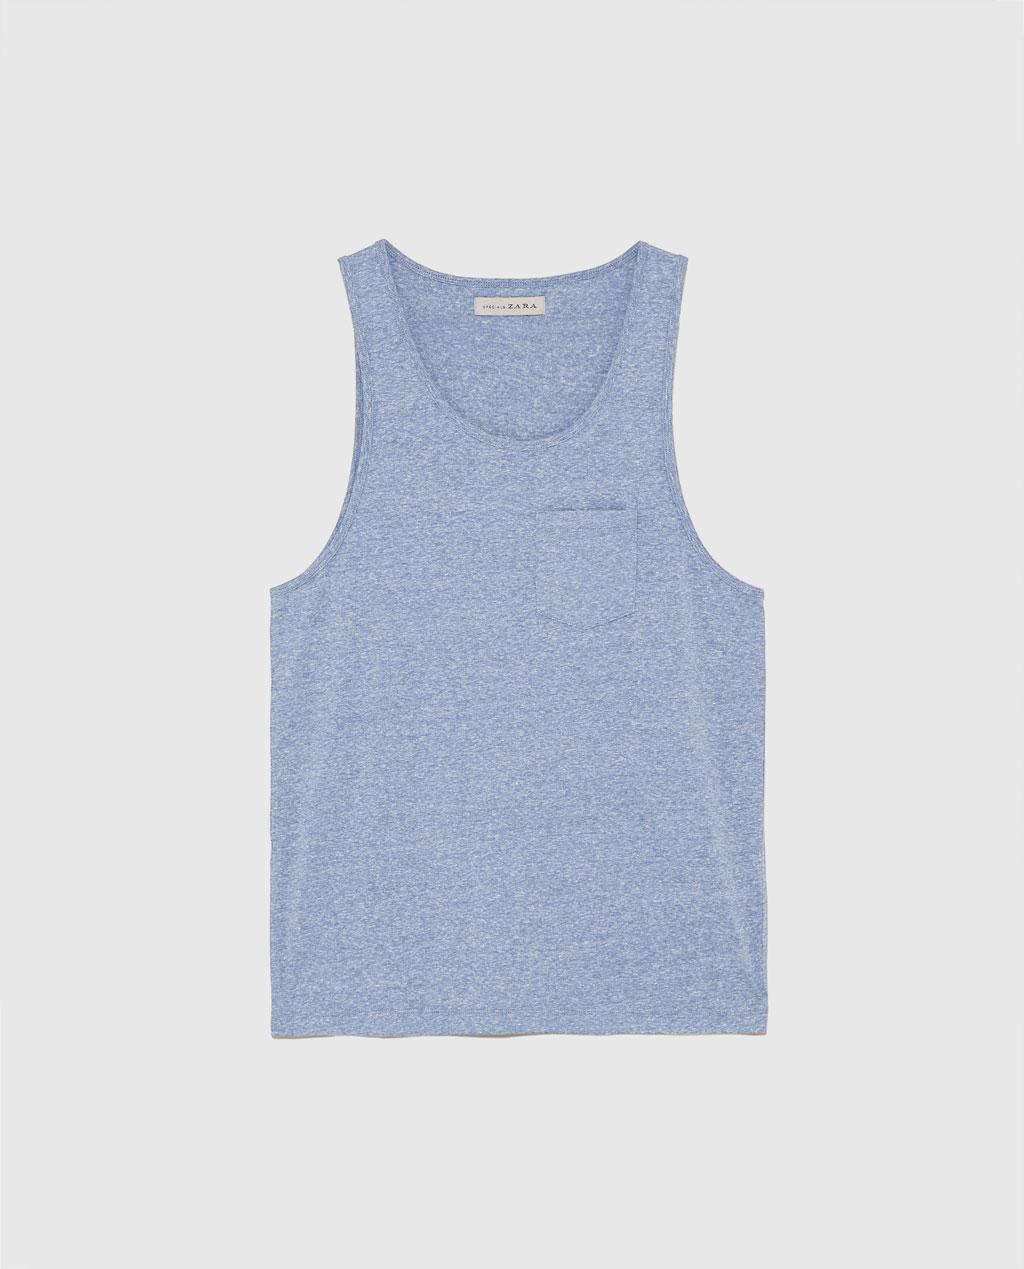 Thời trang nam Zara  24068 - ảnh 8